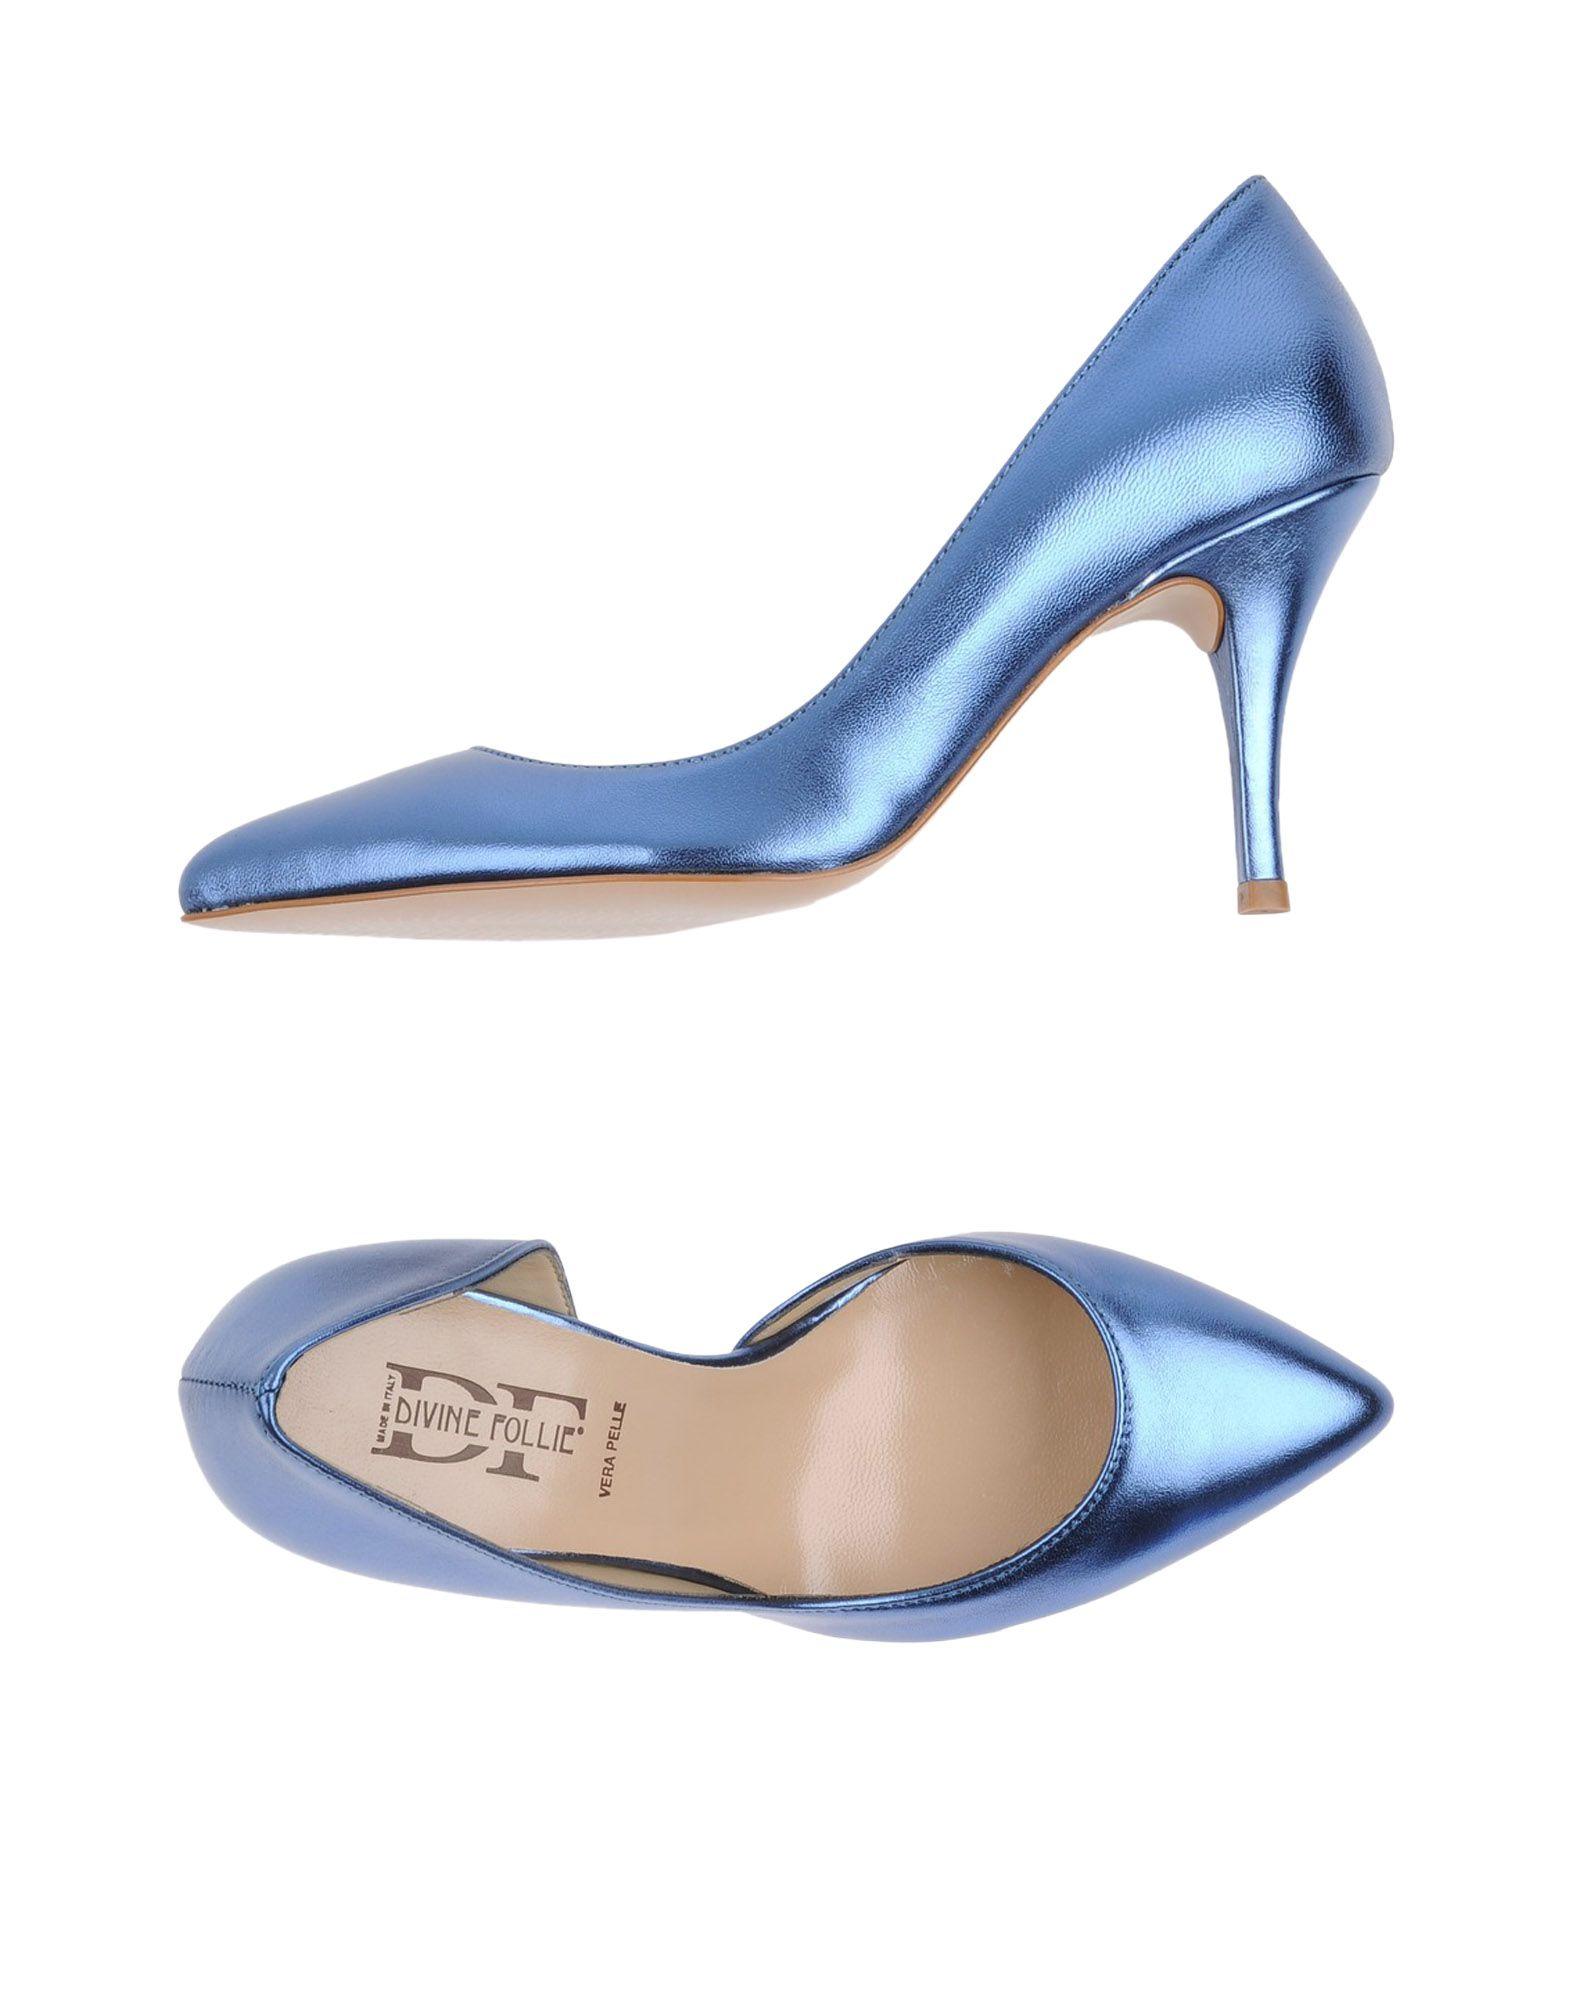 DIVINE FOLLIE Damen Pumps Farbe Blau Größe 11 jetztbilligerkaufen